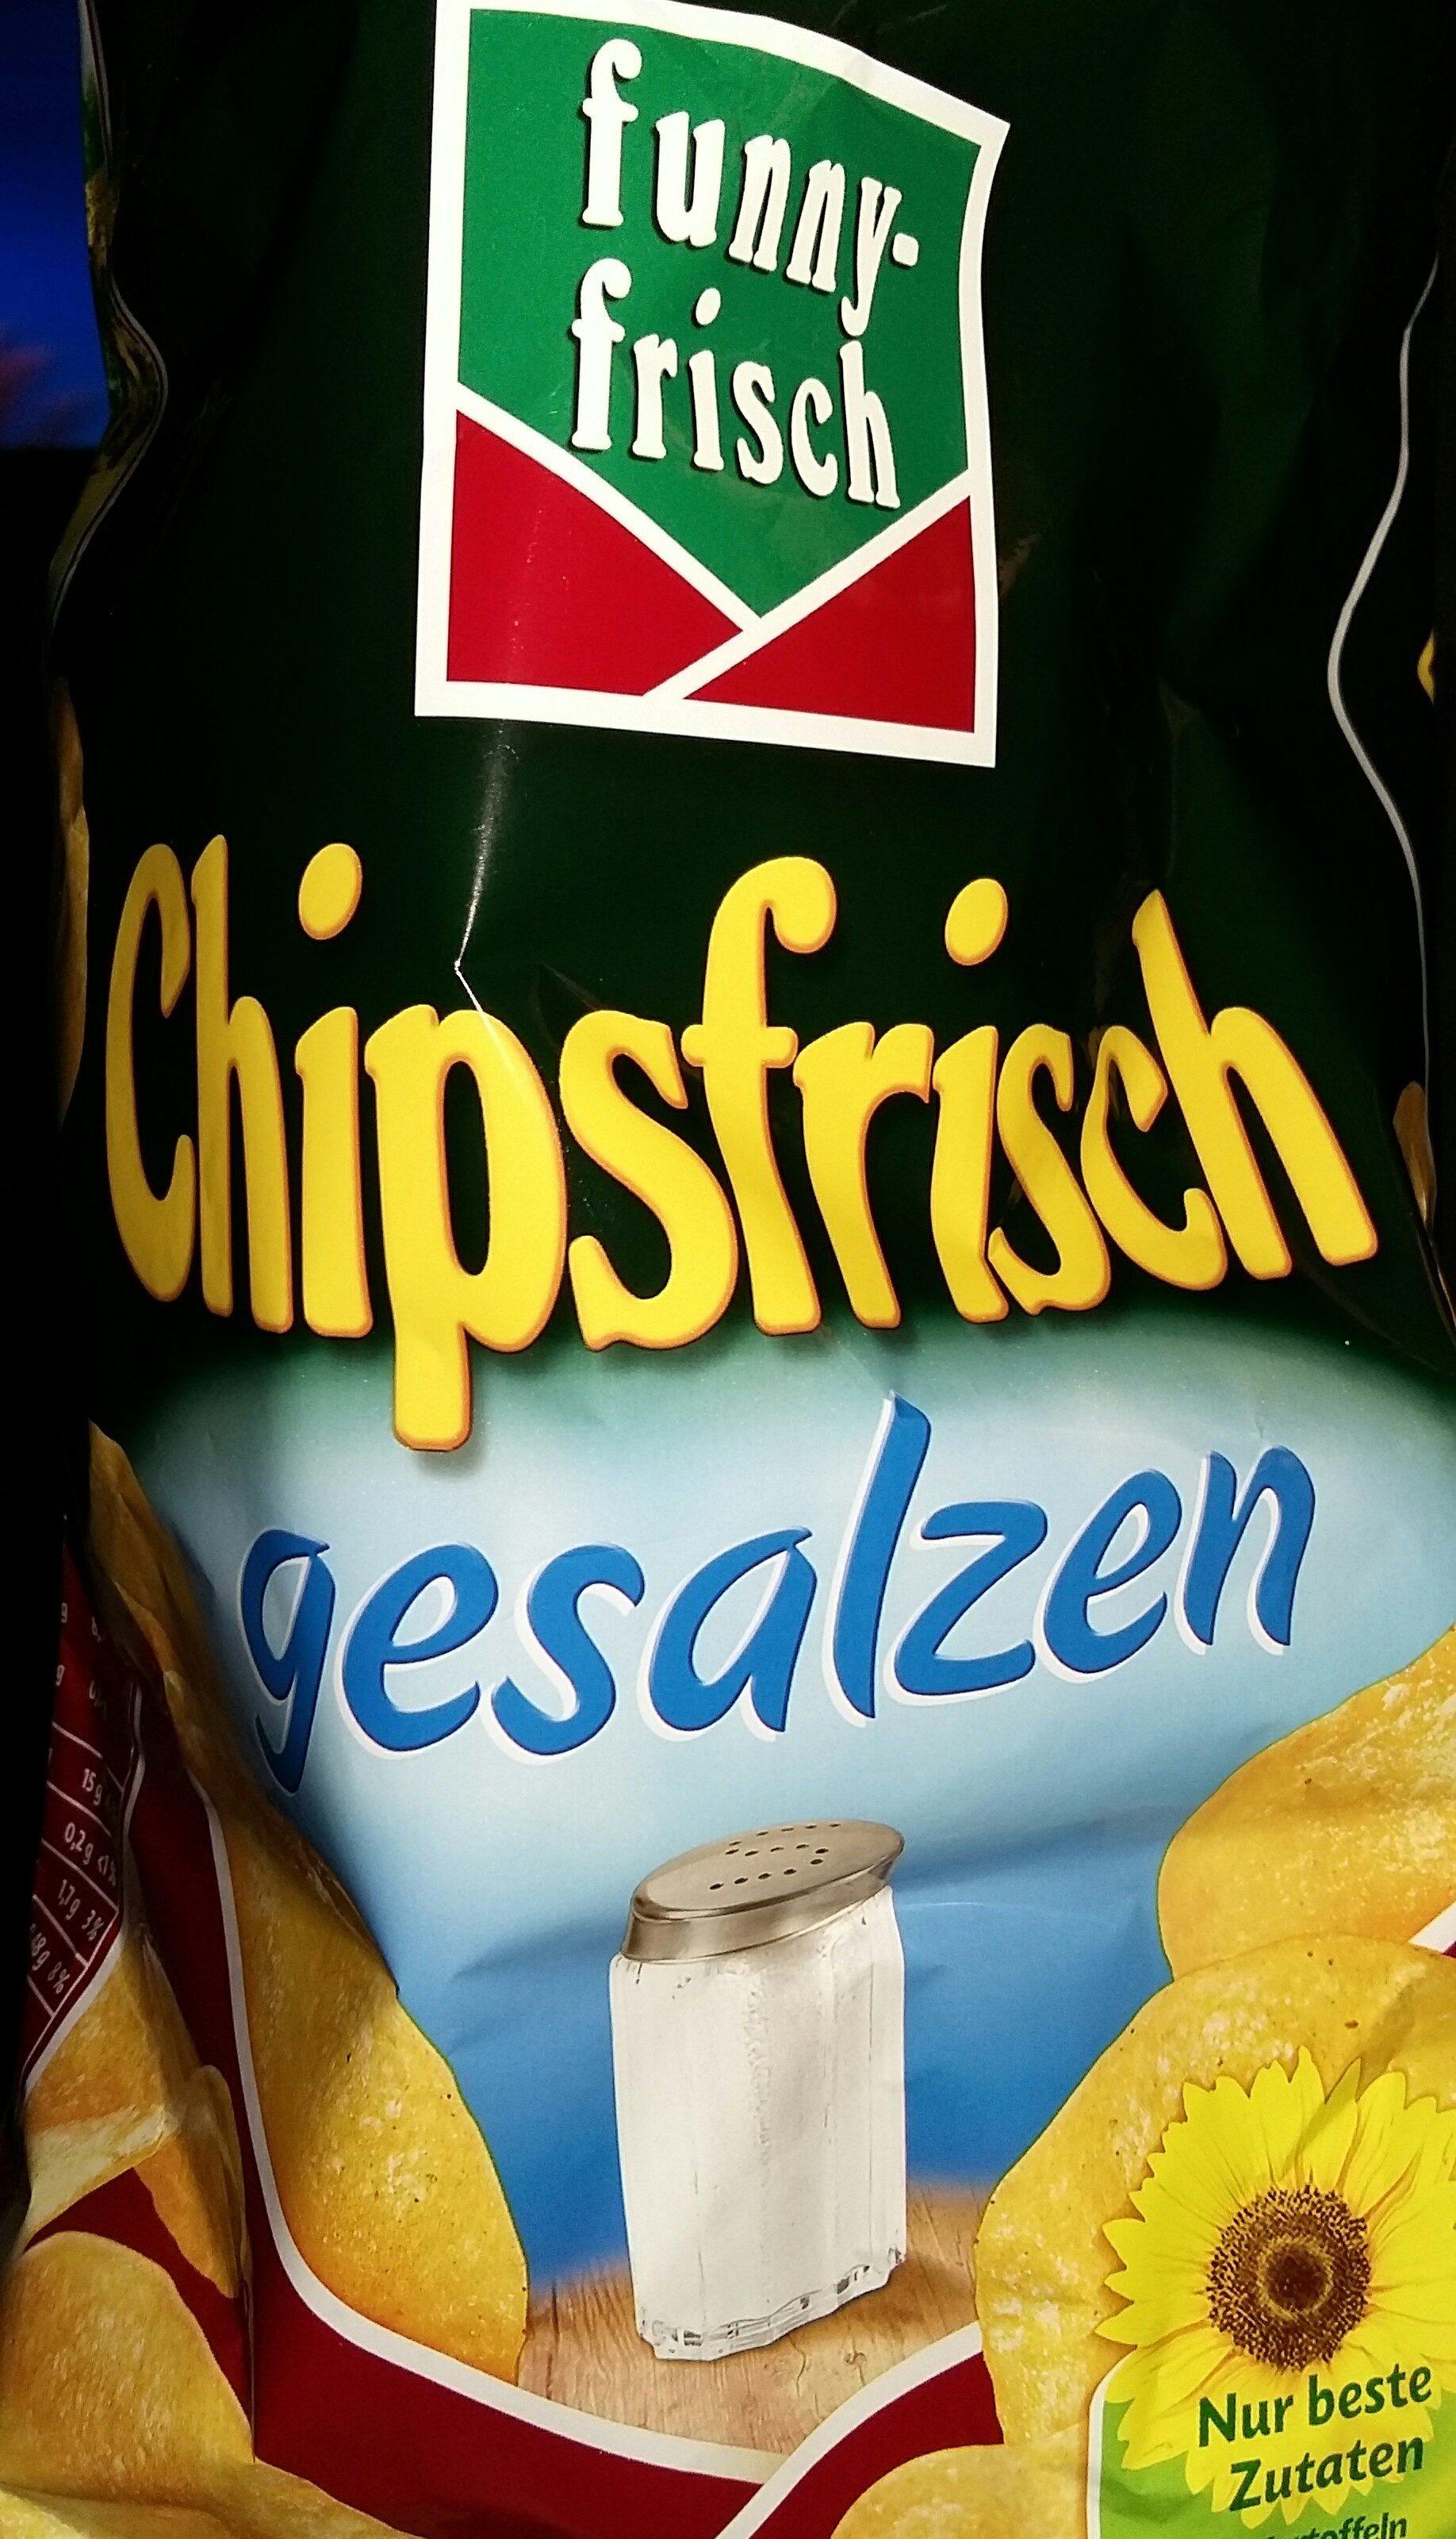 Funny-frisch Chipsfrisch Gesalzen - Producto - de